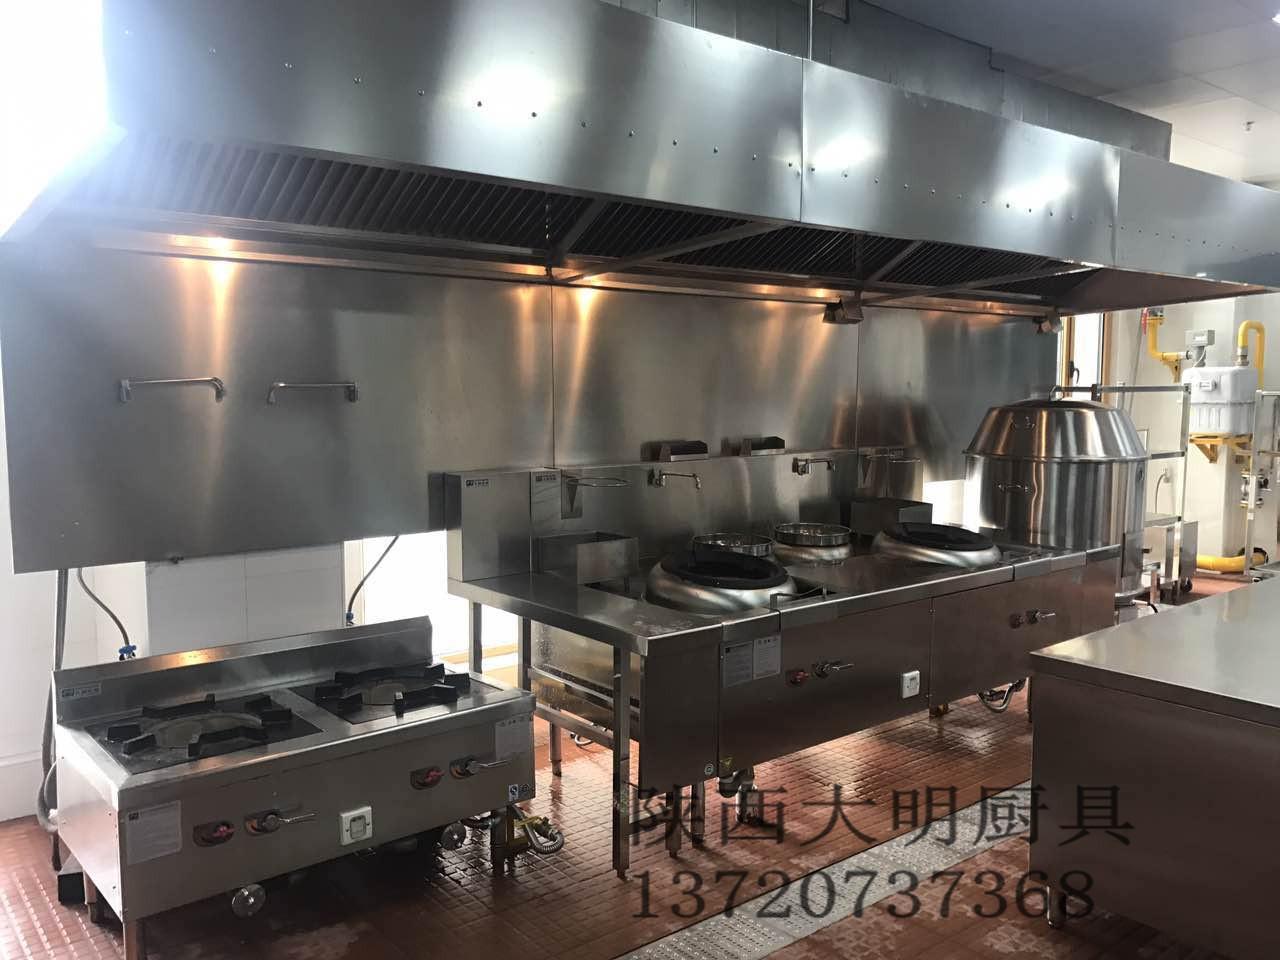 二是不论自家饭店卖什么风味的产品,其食堂厨房设备都选配广式炉灶图片